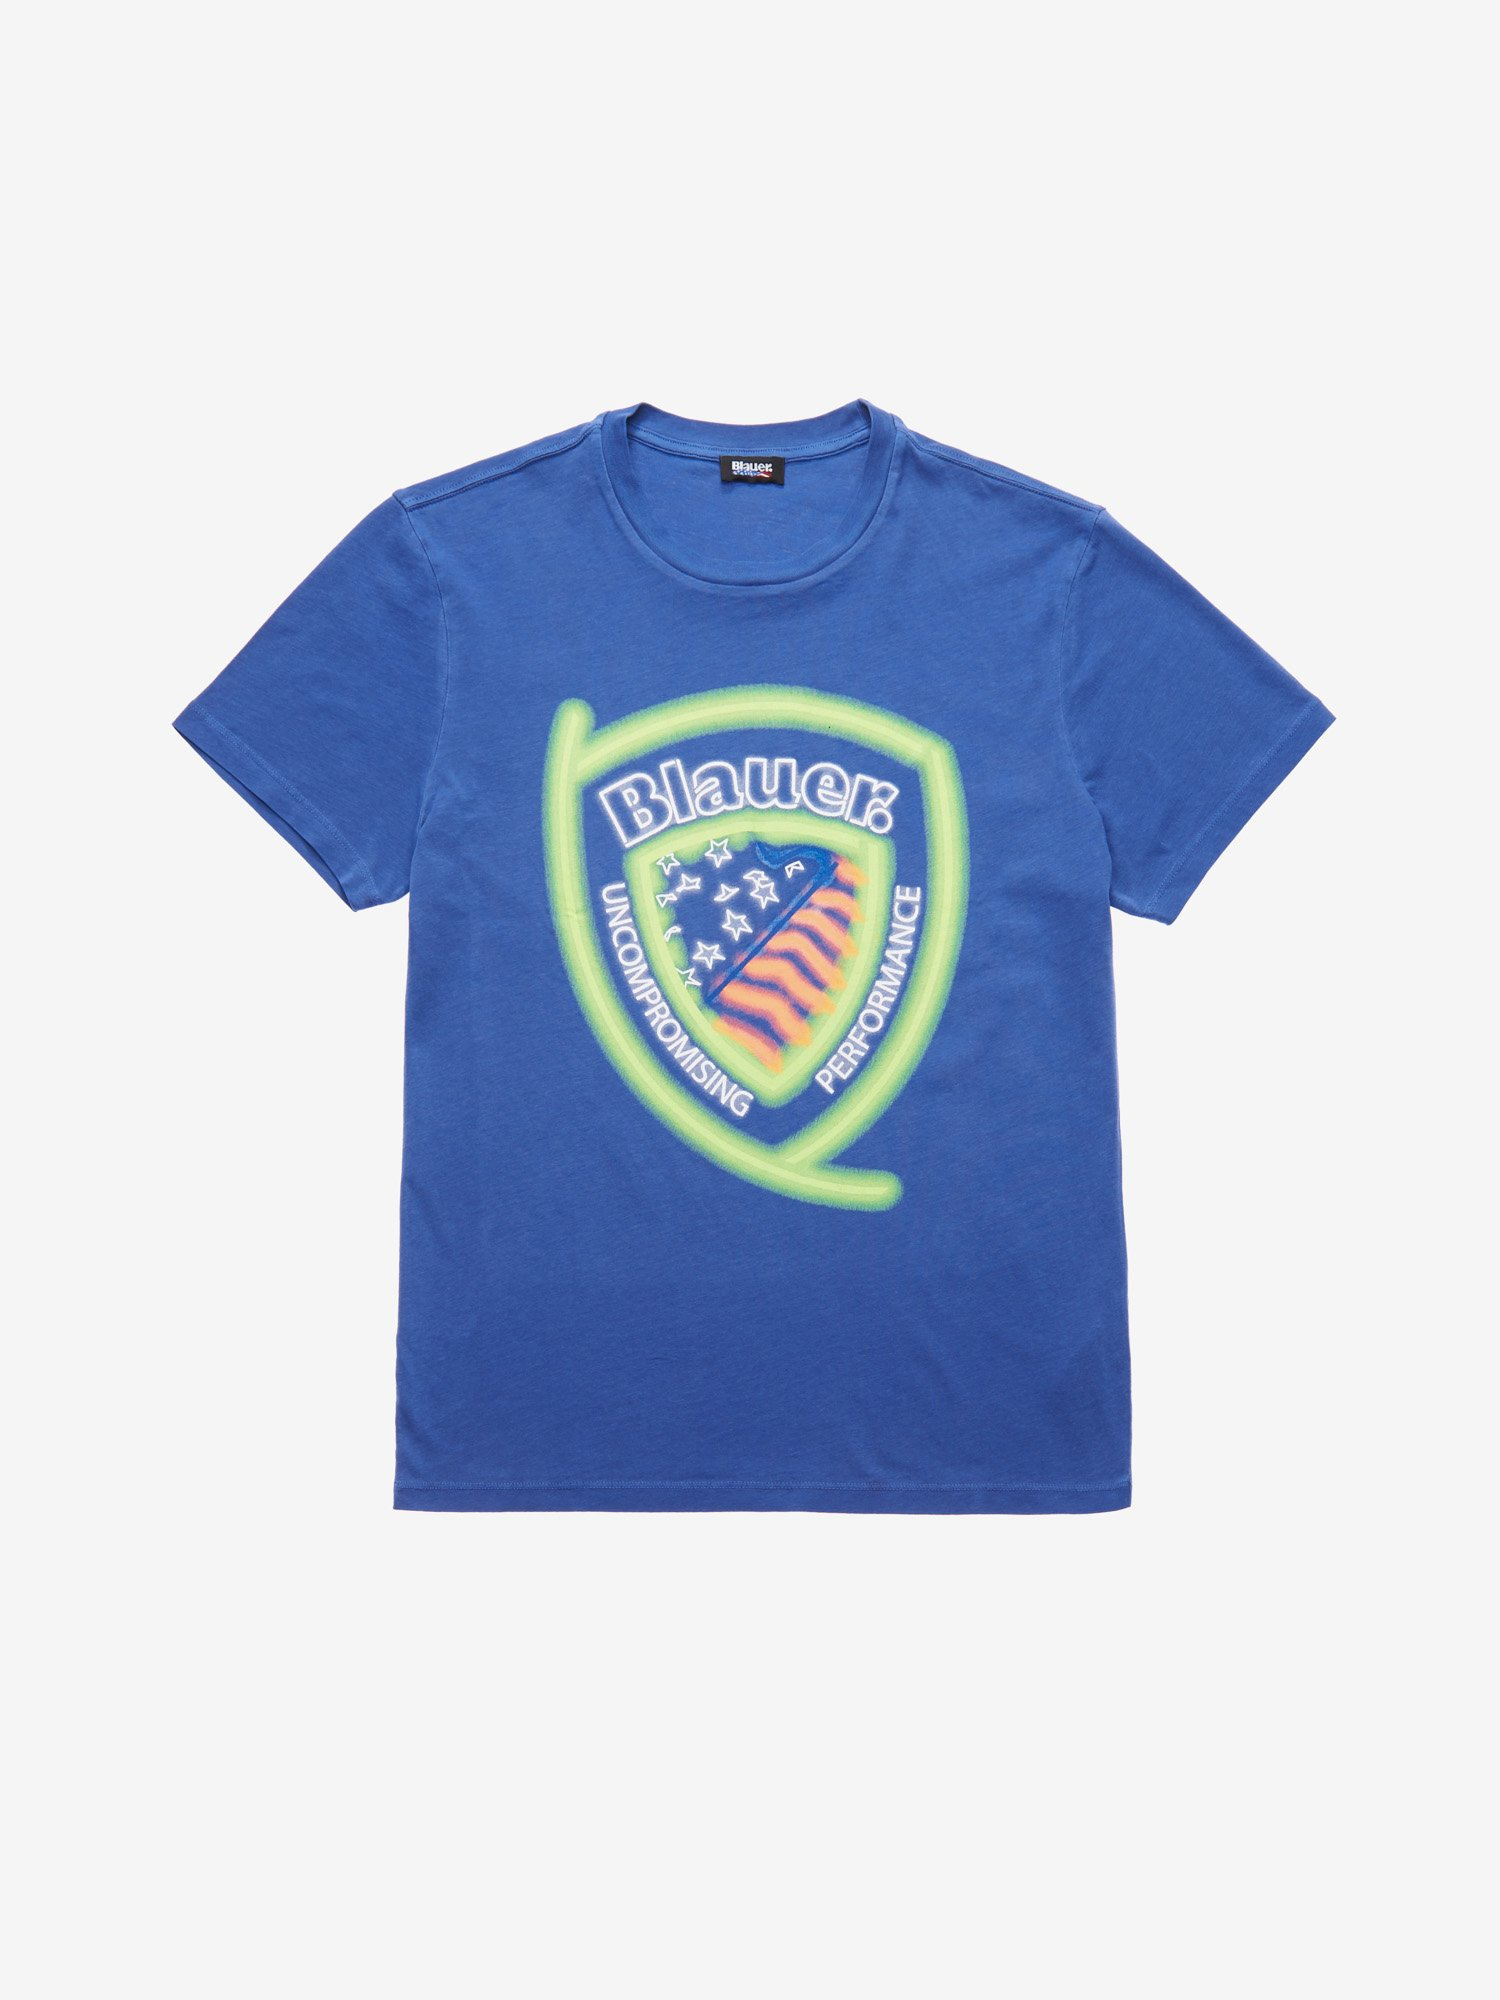 FLUORESCENT T-SHIRT - Blauer